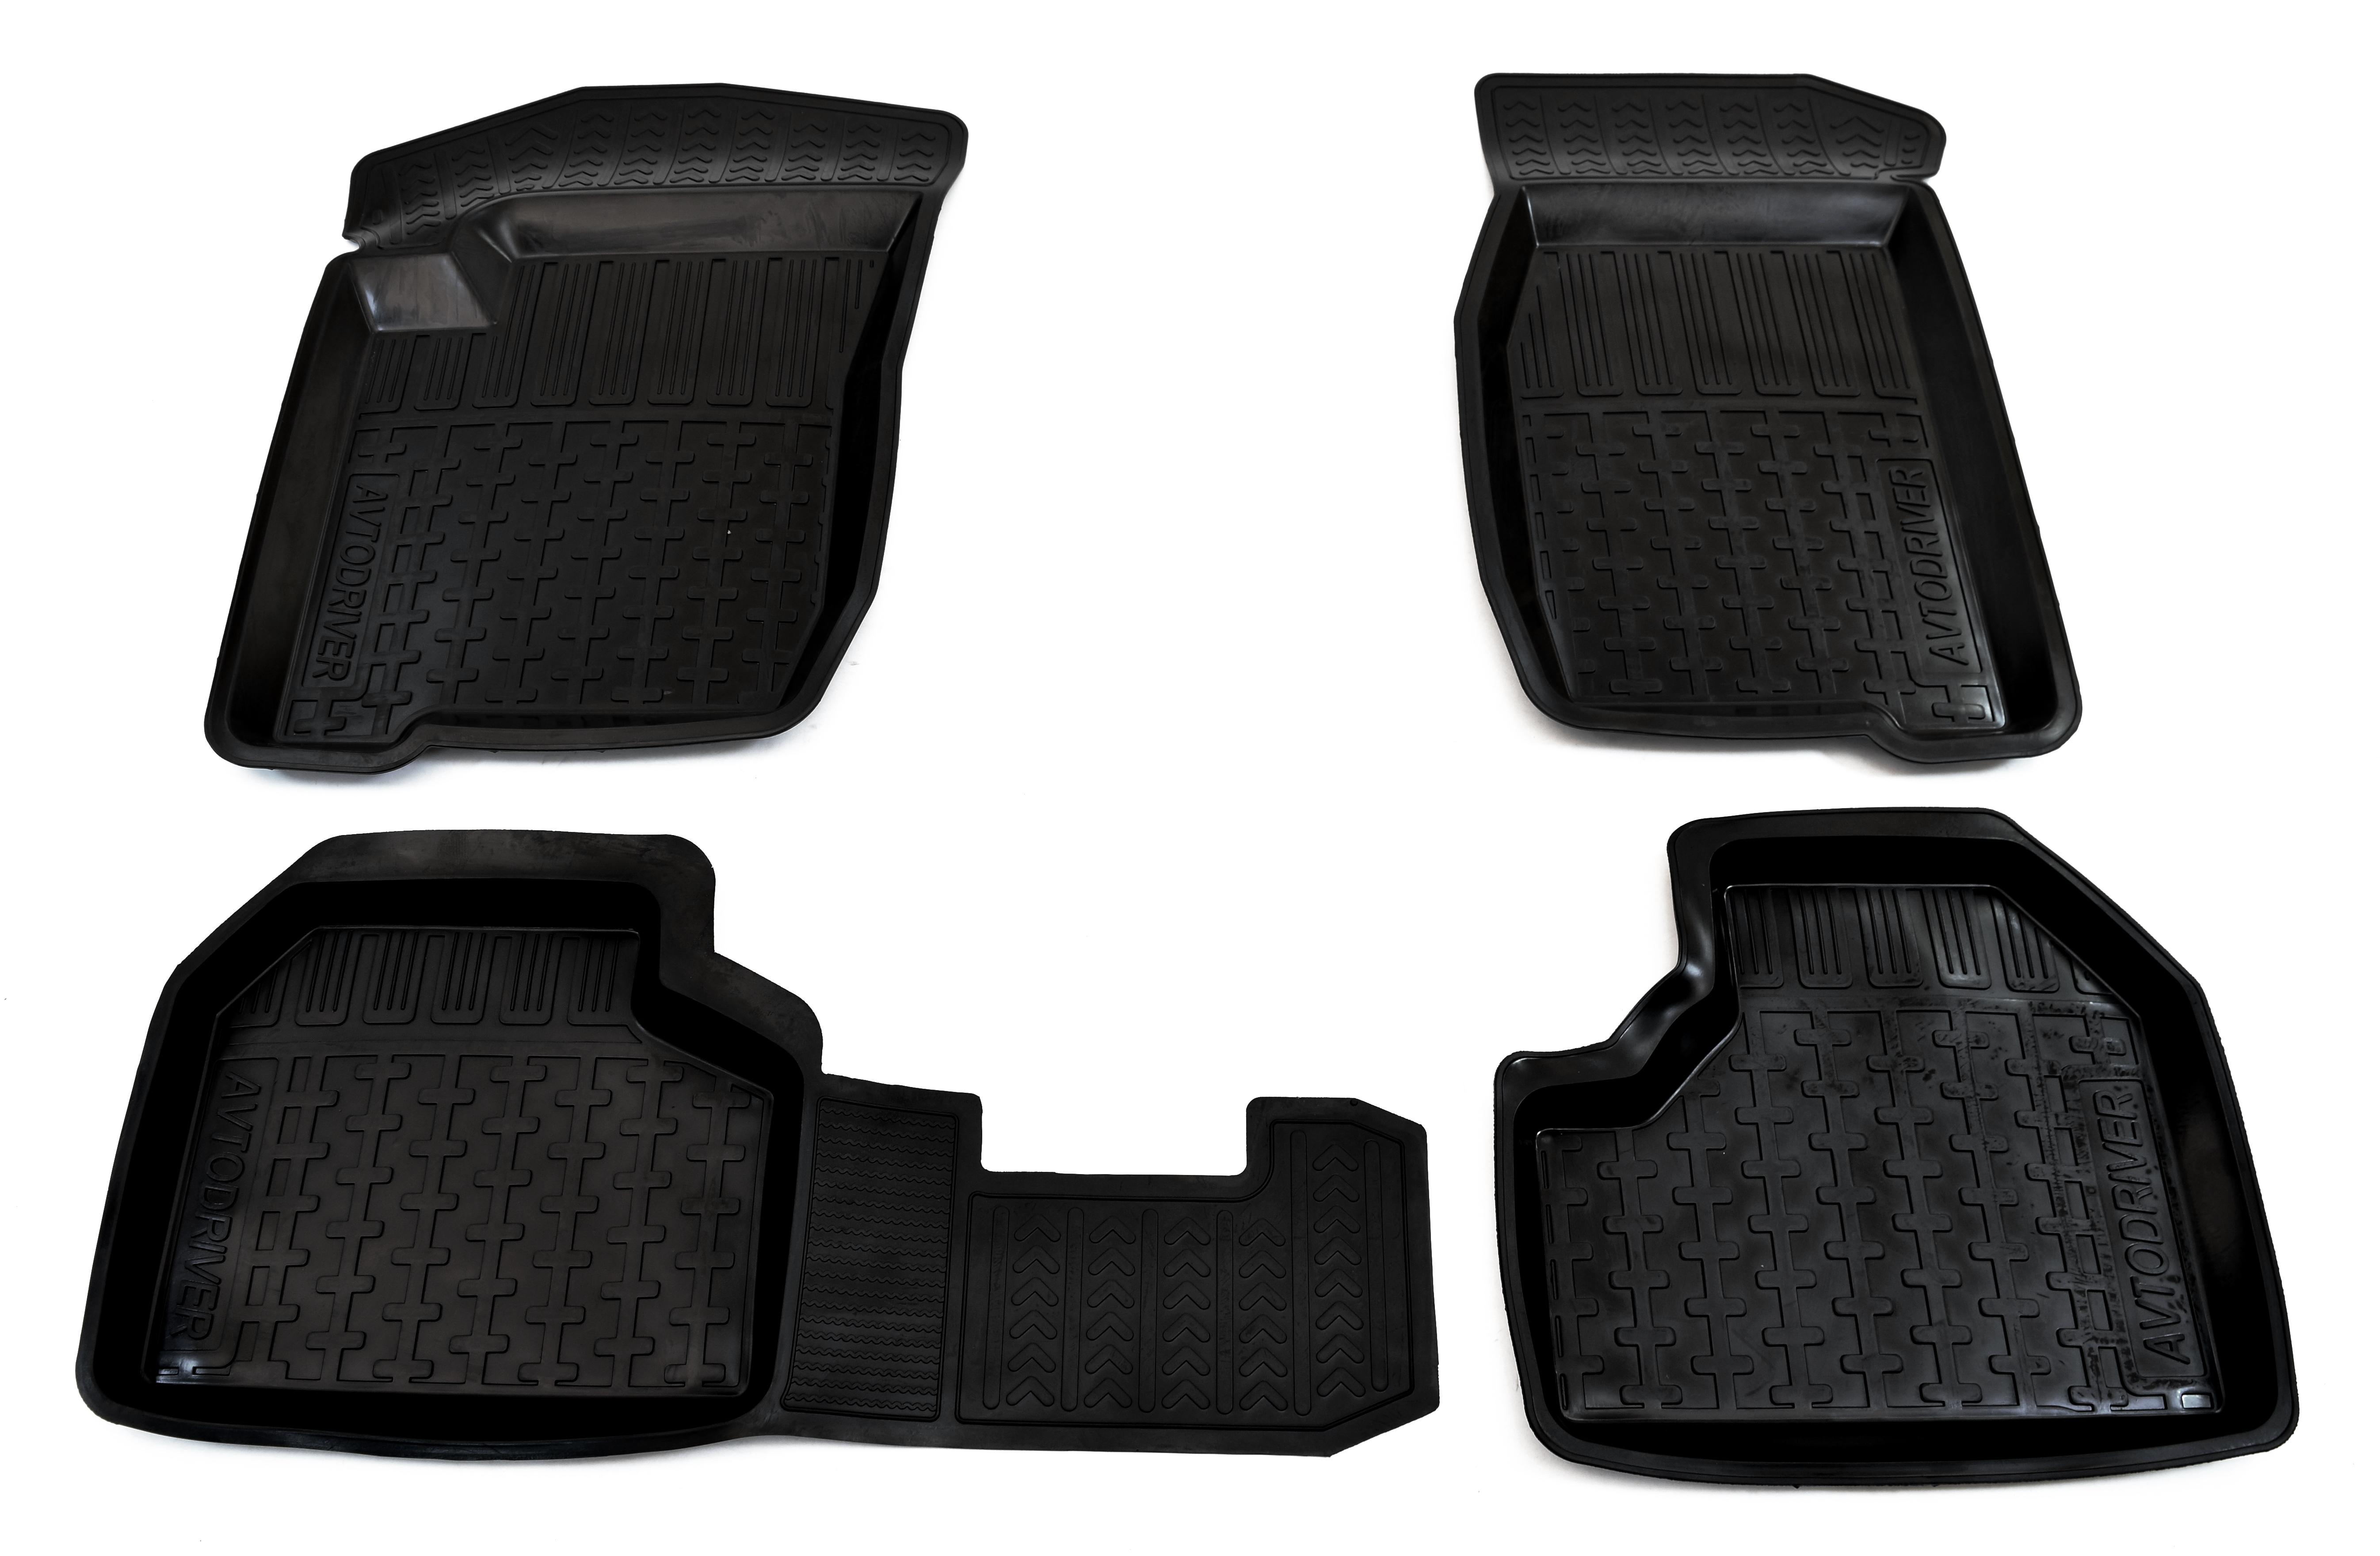 Коврики в салон автомобиля Avtodriver резиновые с бортиком для Chevrolet NIVА (2002-), ADRJET010, черный for chevrolet niva 2002 2009 trunk mat element nlc5215b13